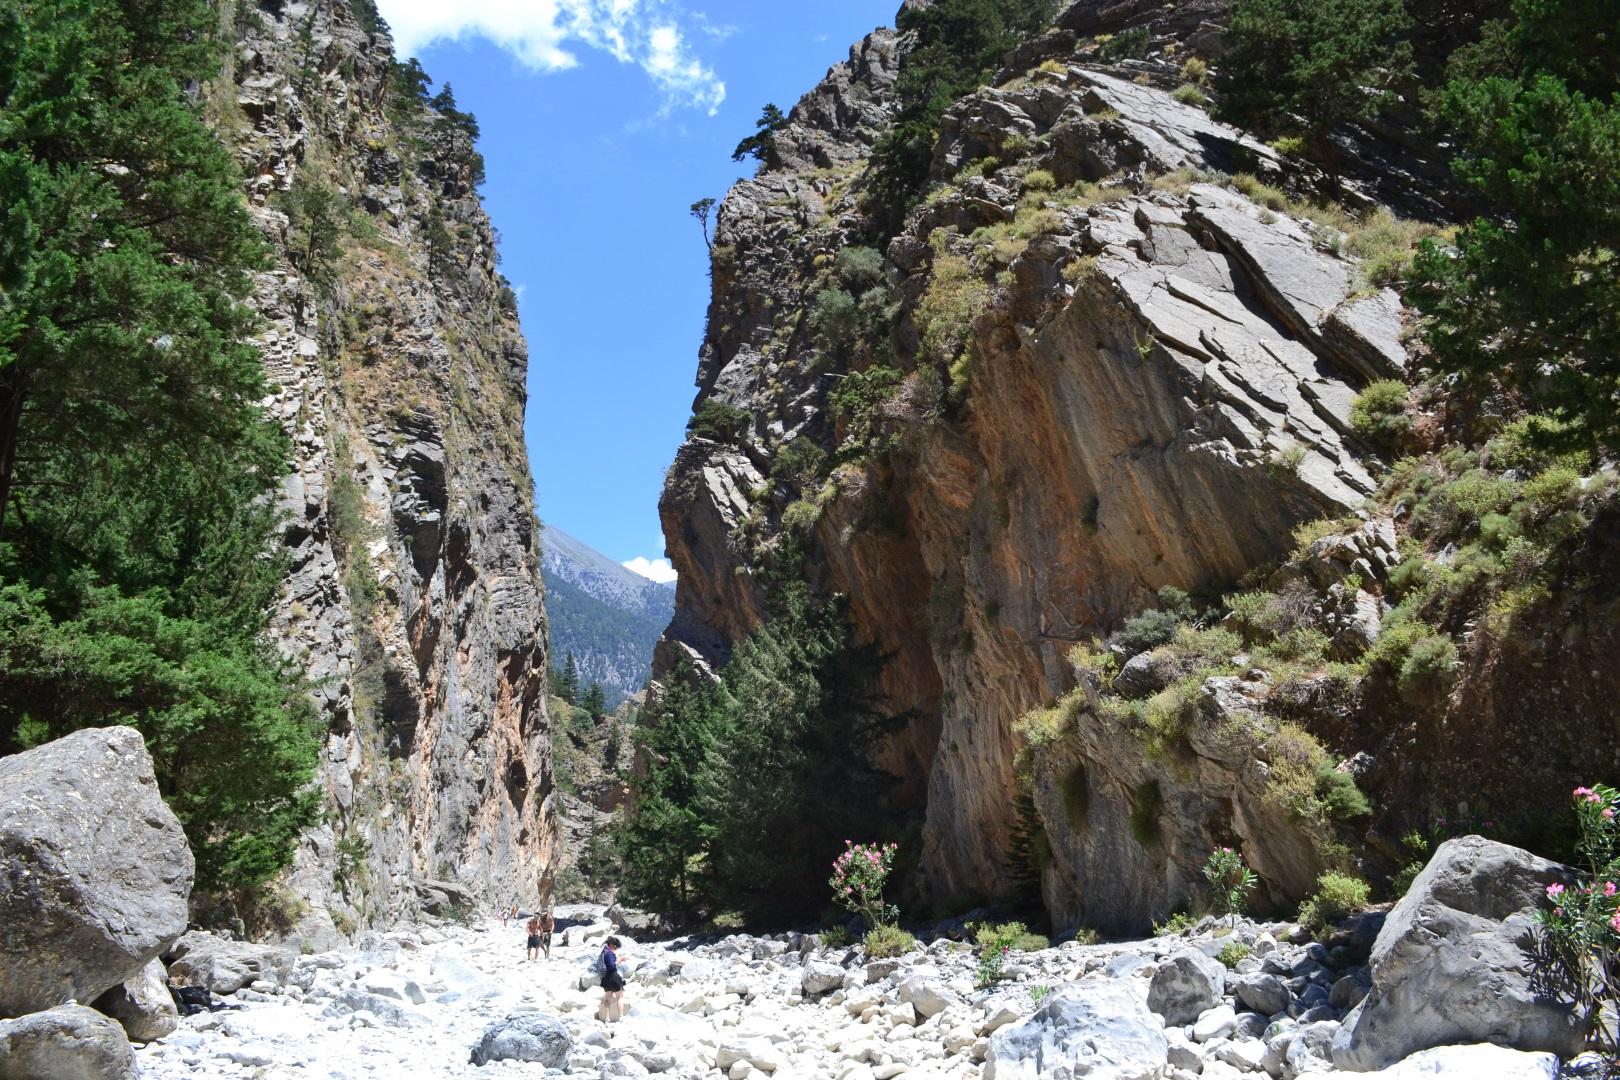 Visiter Les gorges de Samaria - Crète